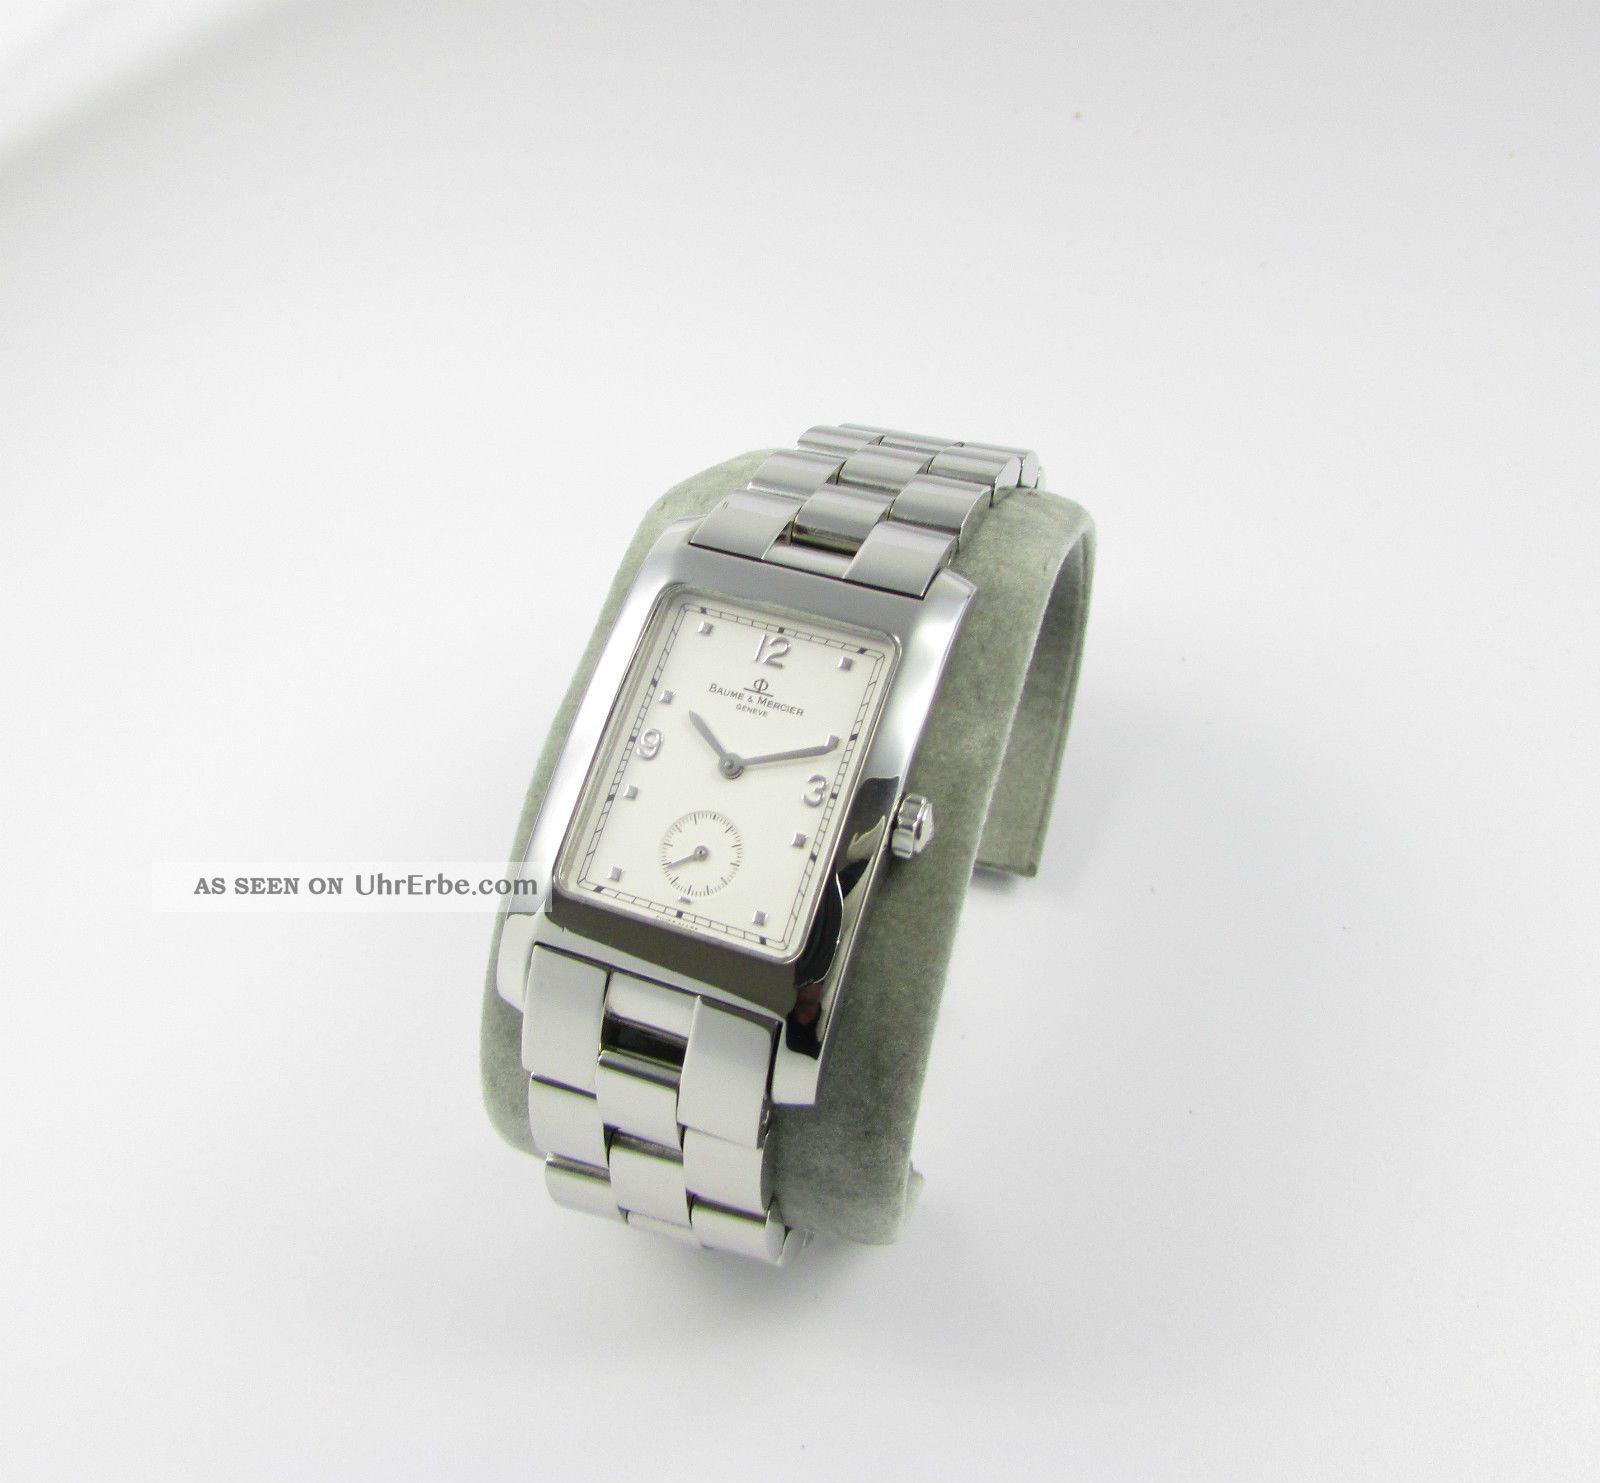 Baume & Mercier Hampton - Grosses Modell - Topzustand Armbanduhren Bild